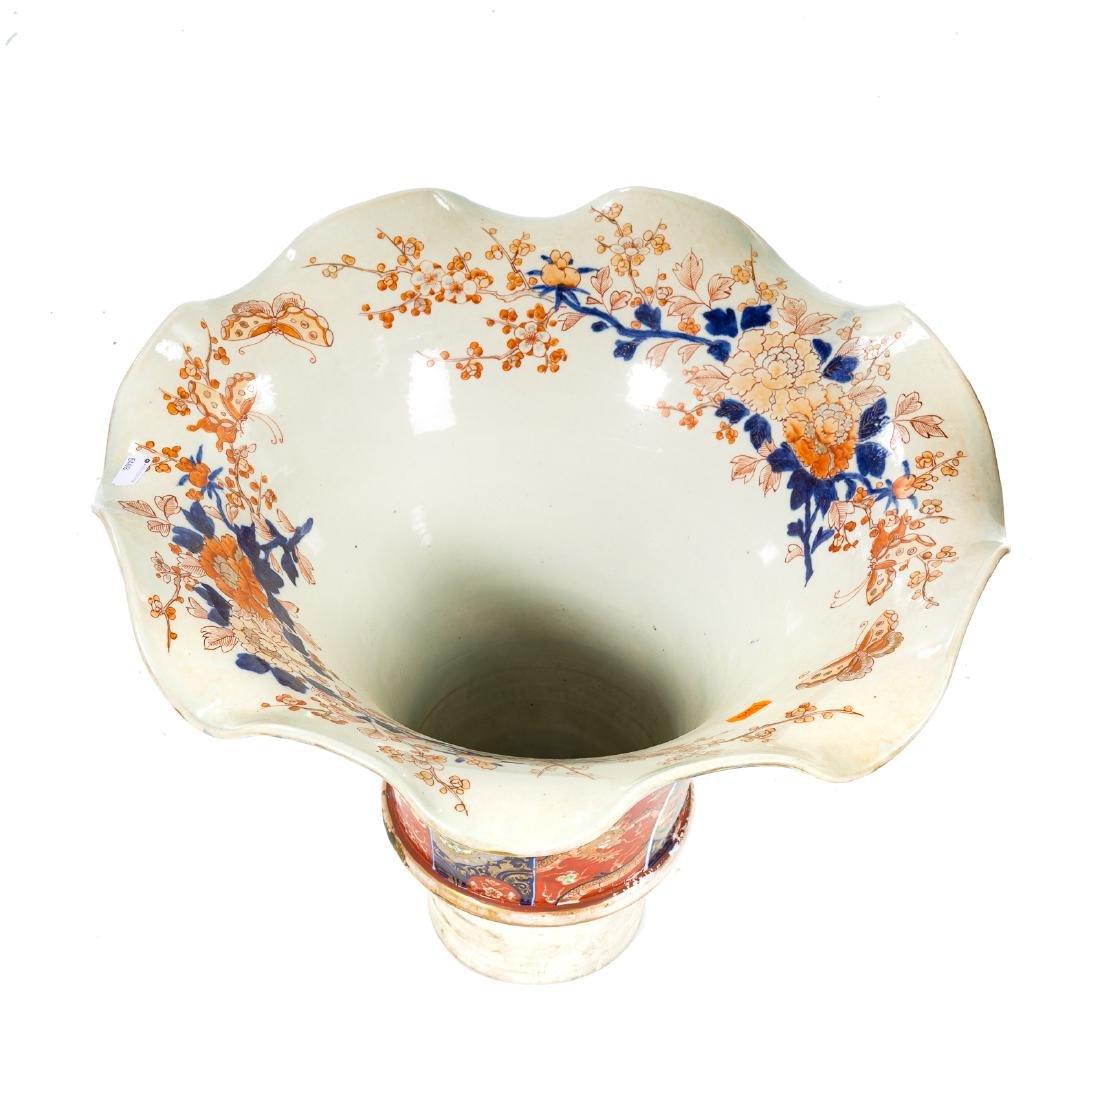 Japanese Imari porcelain monumental palace vase - 7